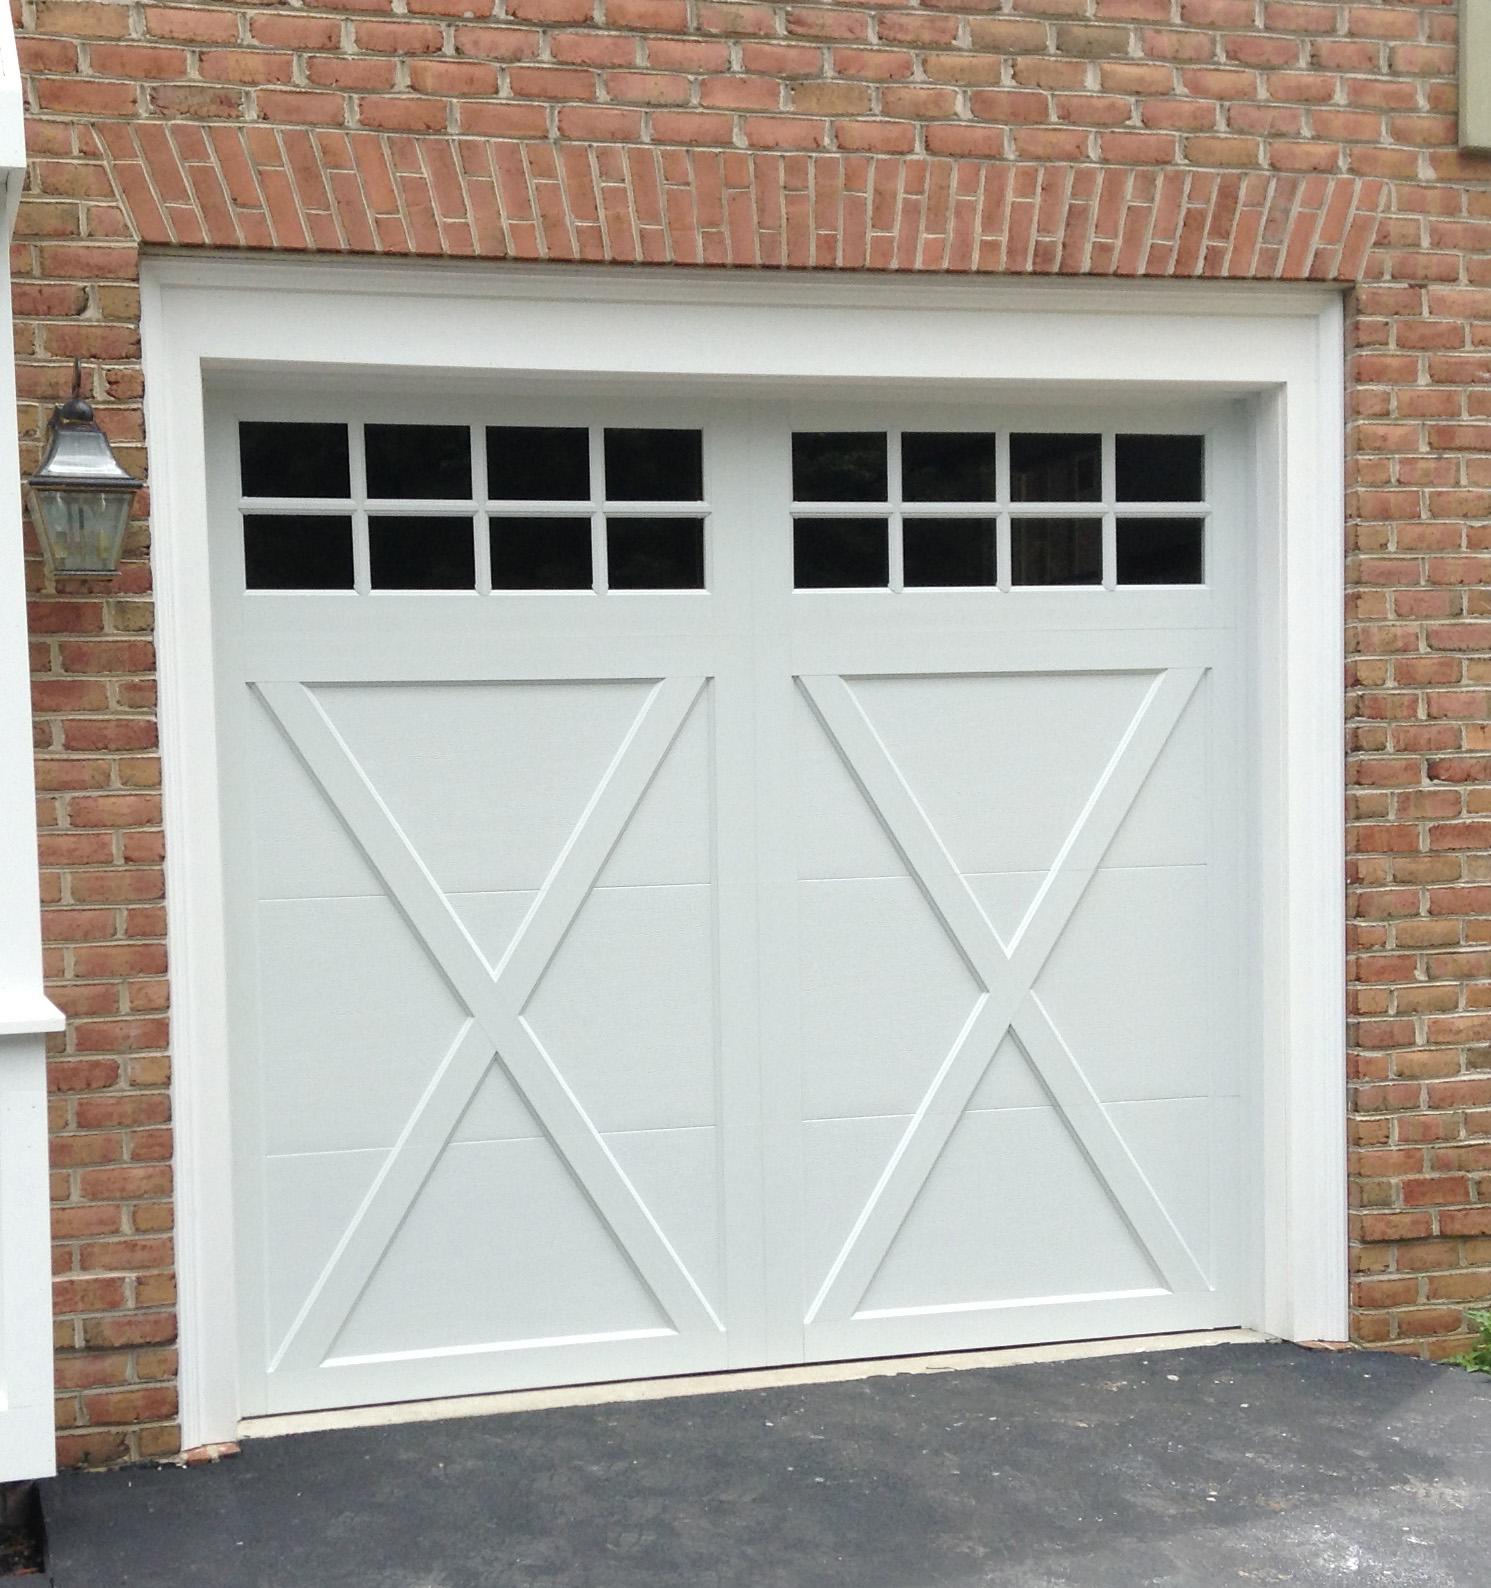 Carriage Doors Custom Overlay Mount Garage Doors